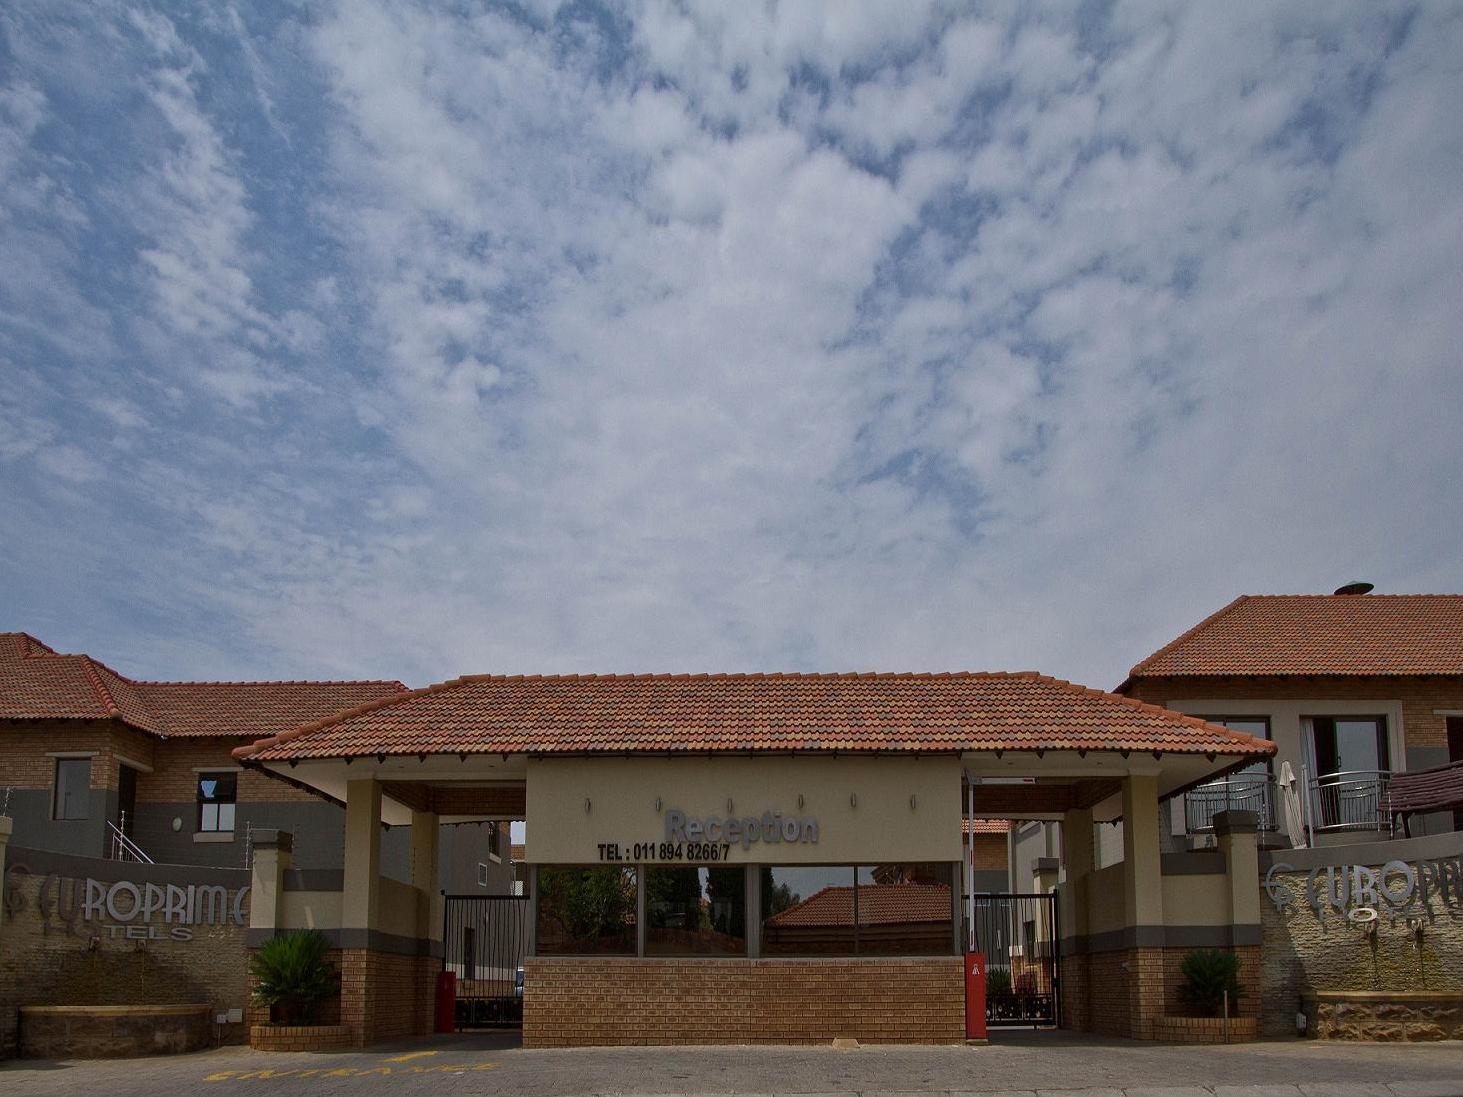 Europrime Hotel and Conference Venue - Johannesburg - Boksburg - O R Tambo